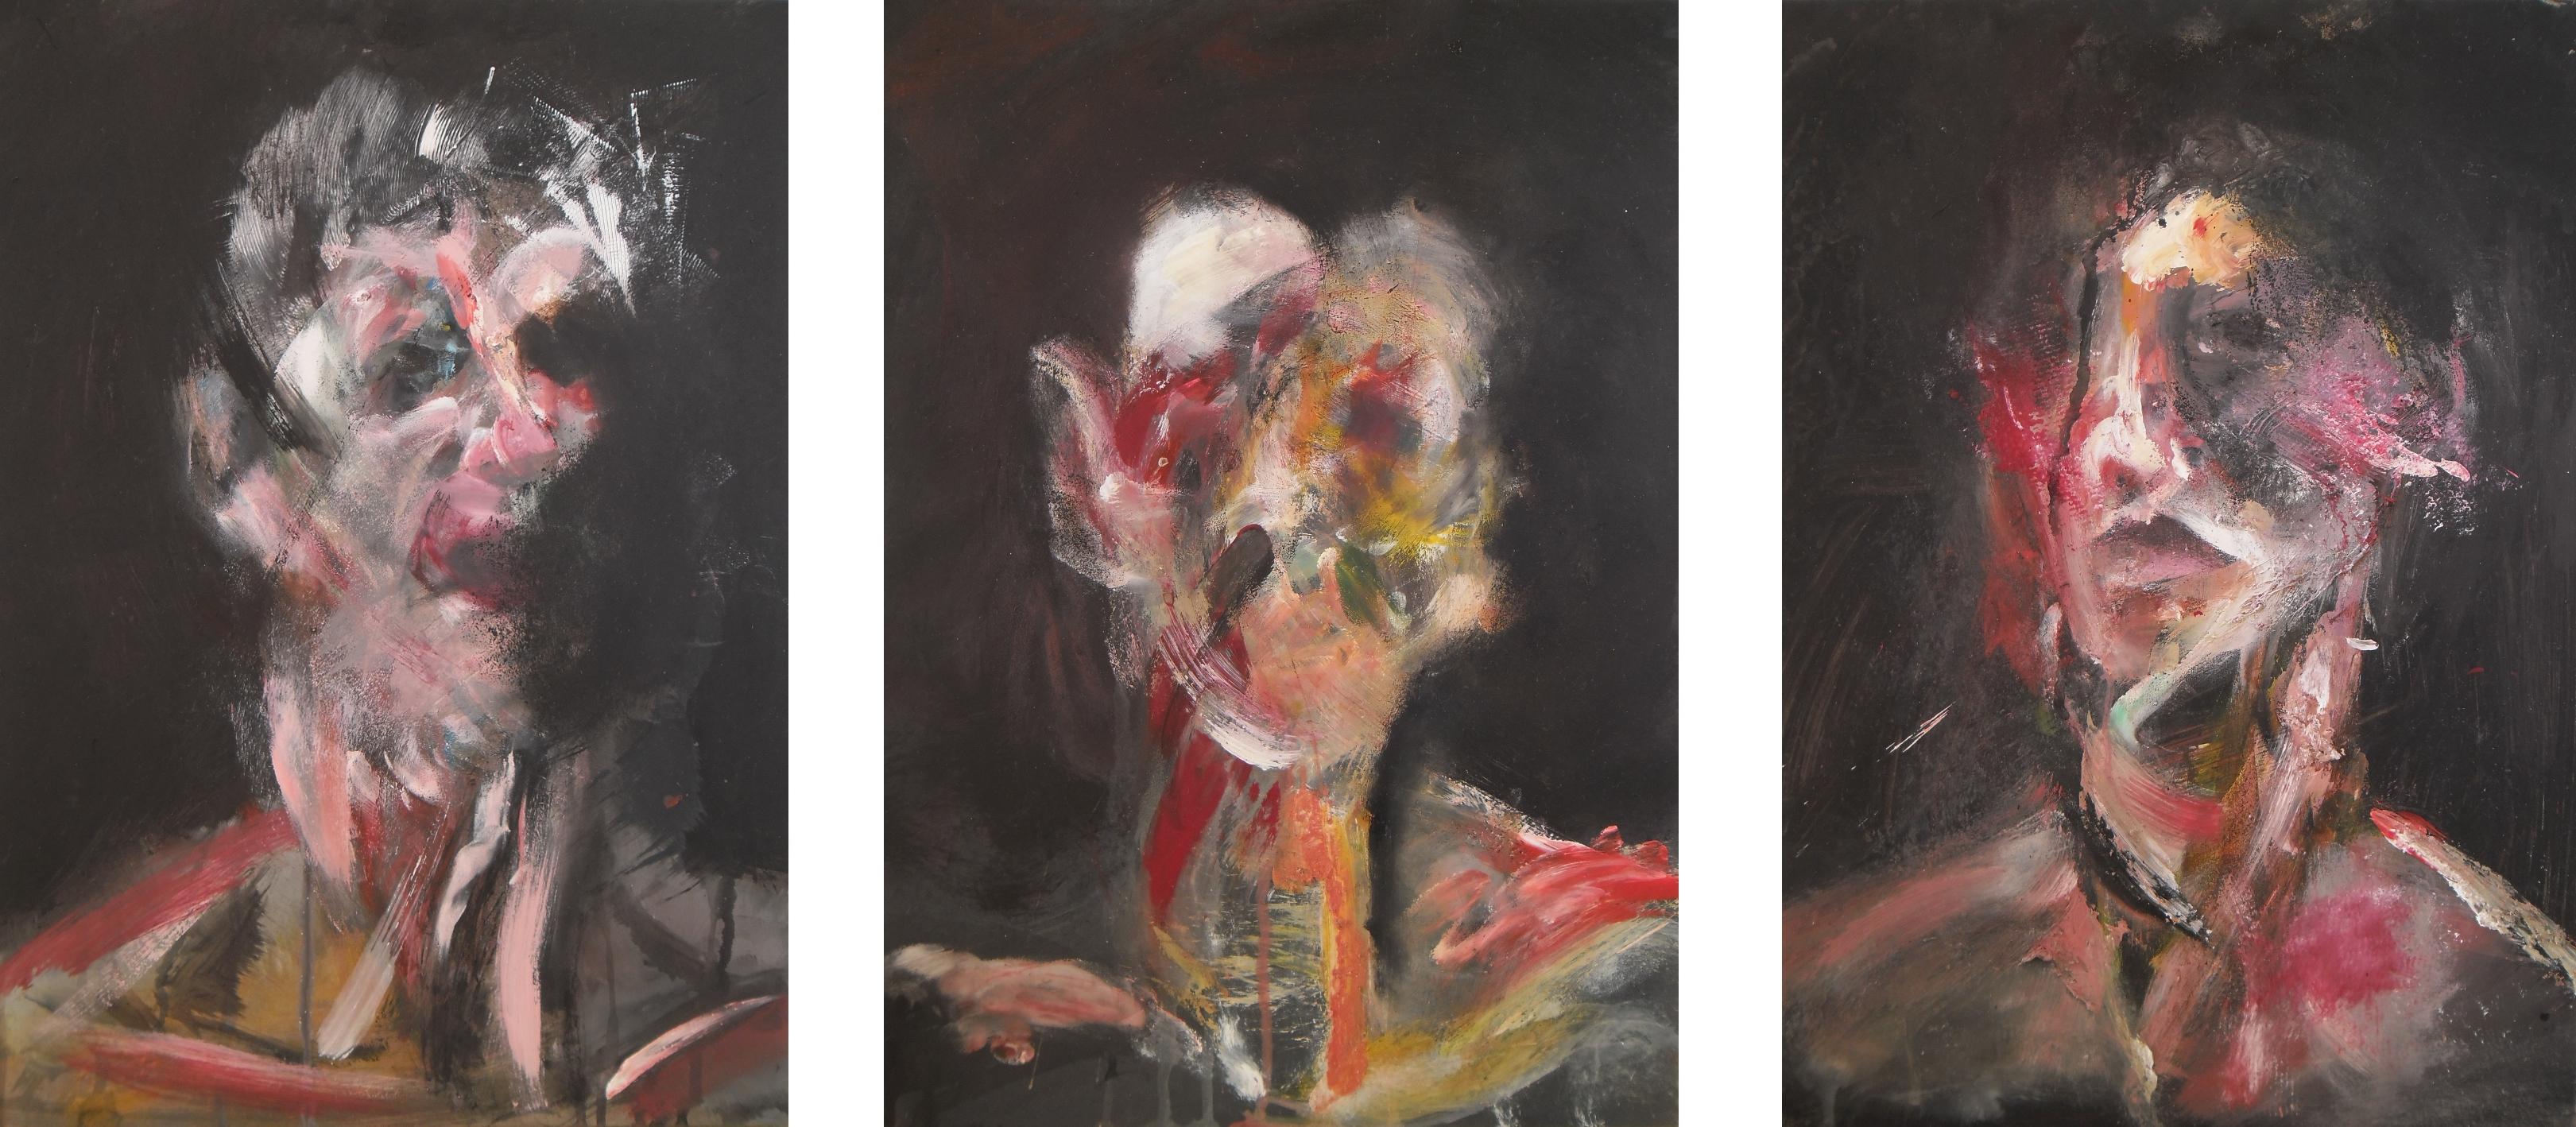 Three Studies for Self Portrait III (triptych) by RyckRudd